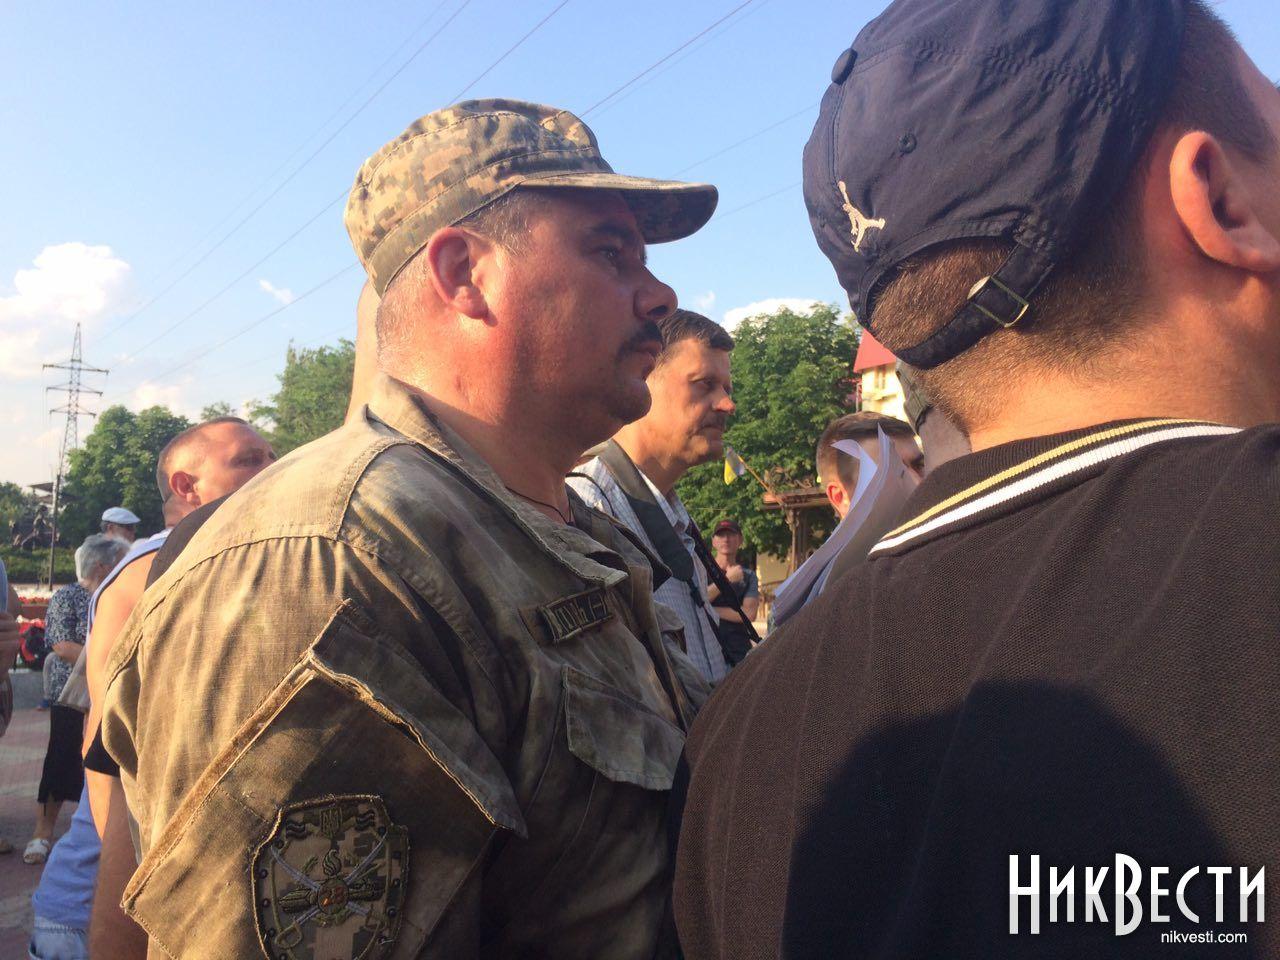 ВНиколаеве забросали яйцами народного депутата Надежду Савченко, размещены фото ивидео